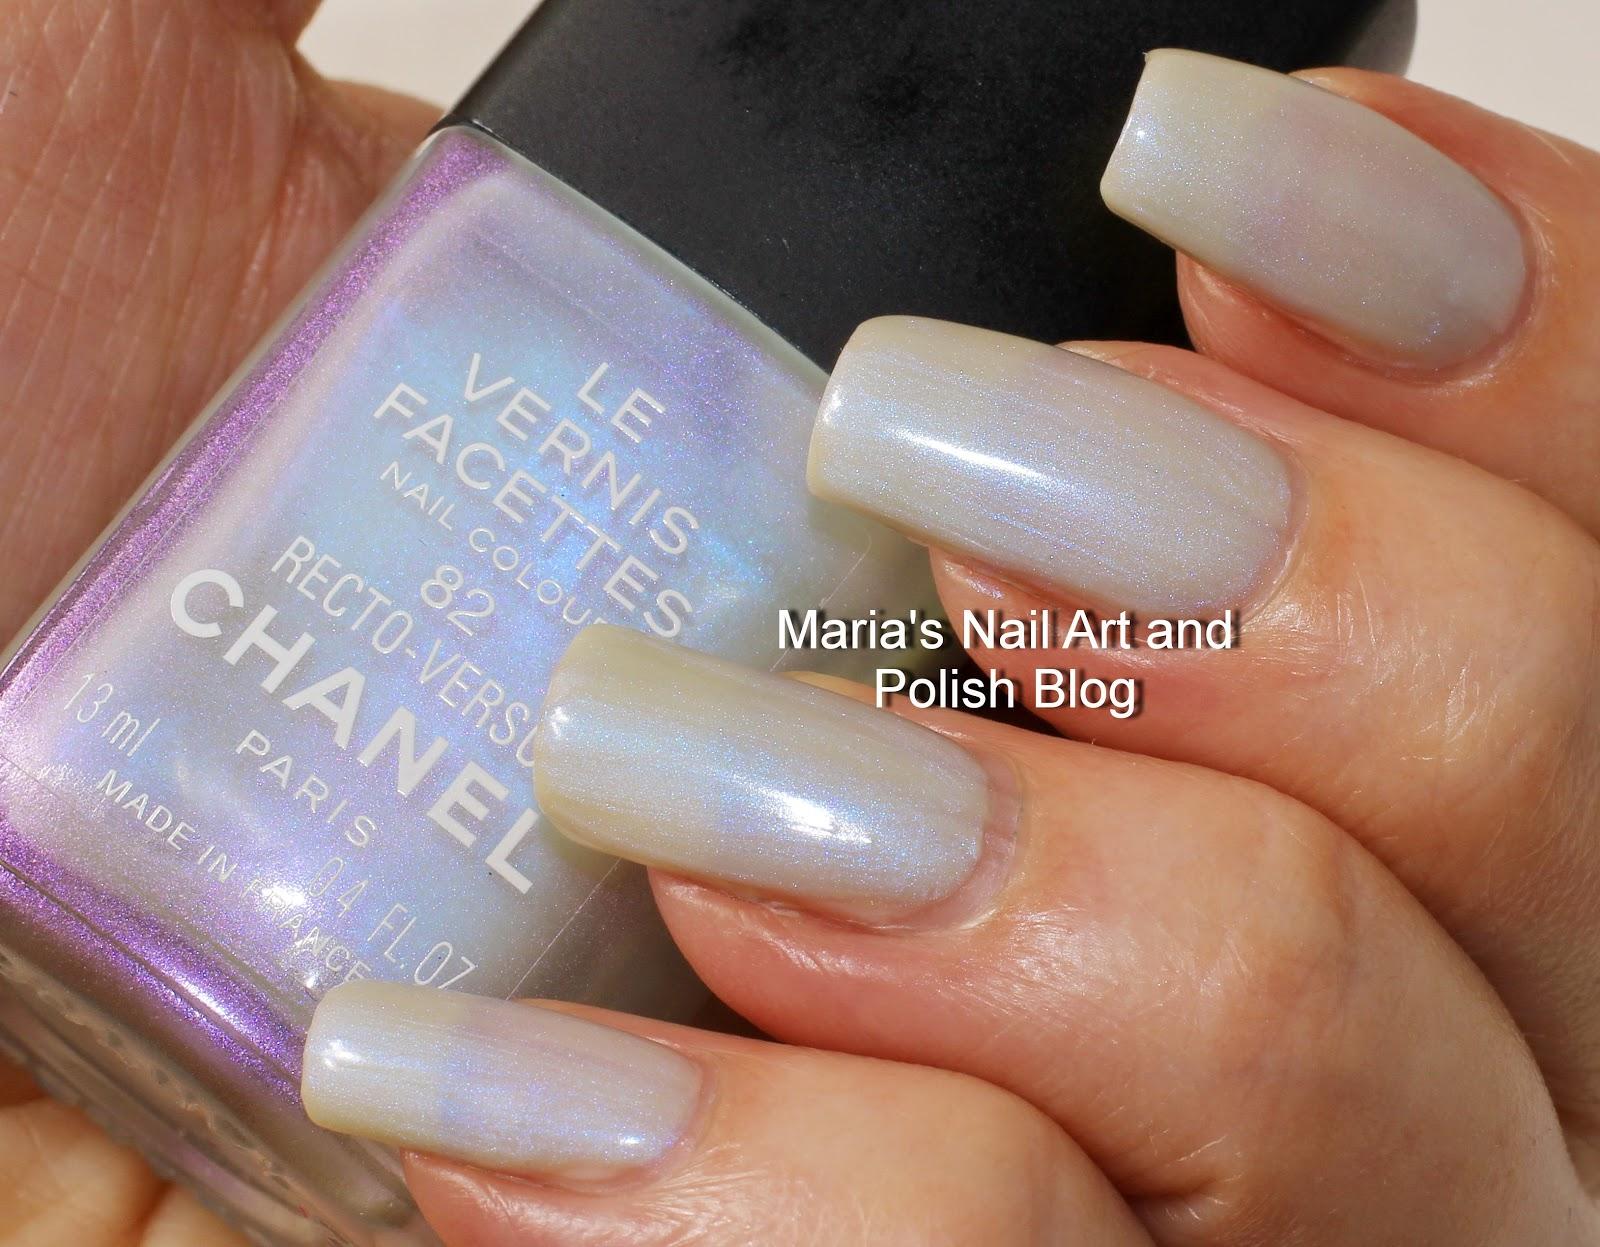 Marias Nail Art and Polish Blog: Chanel Recto-Verso 82, Les Vernis ...